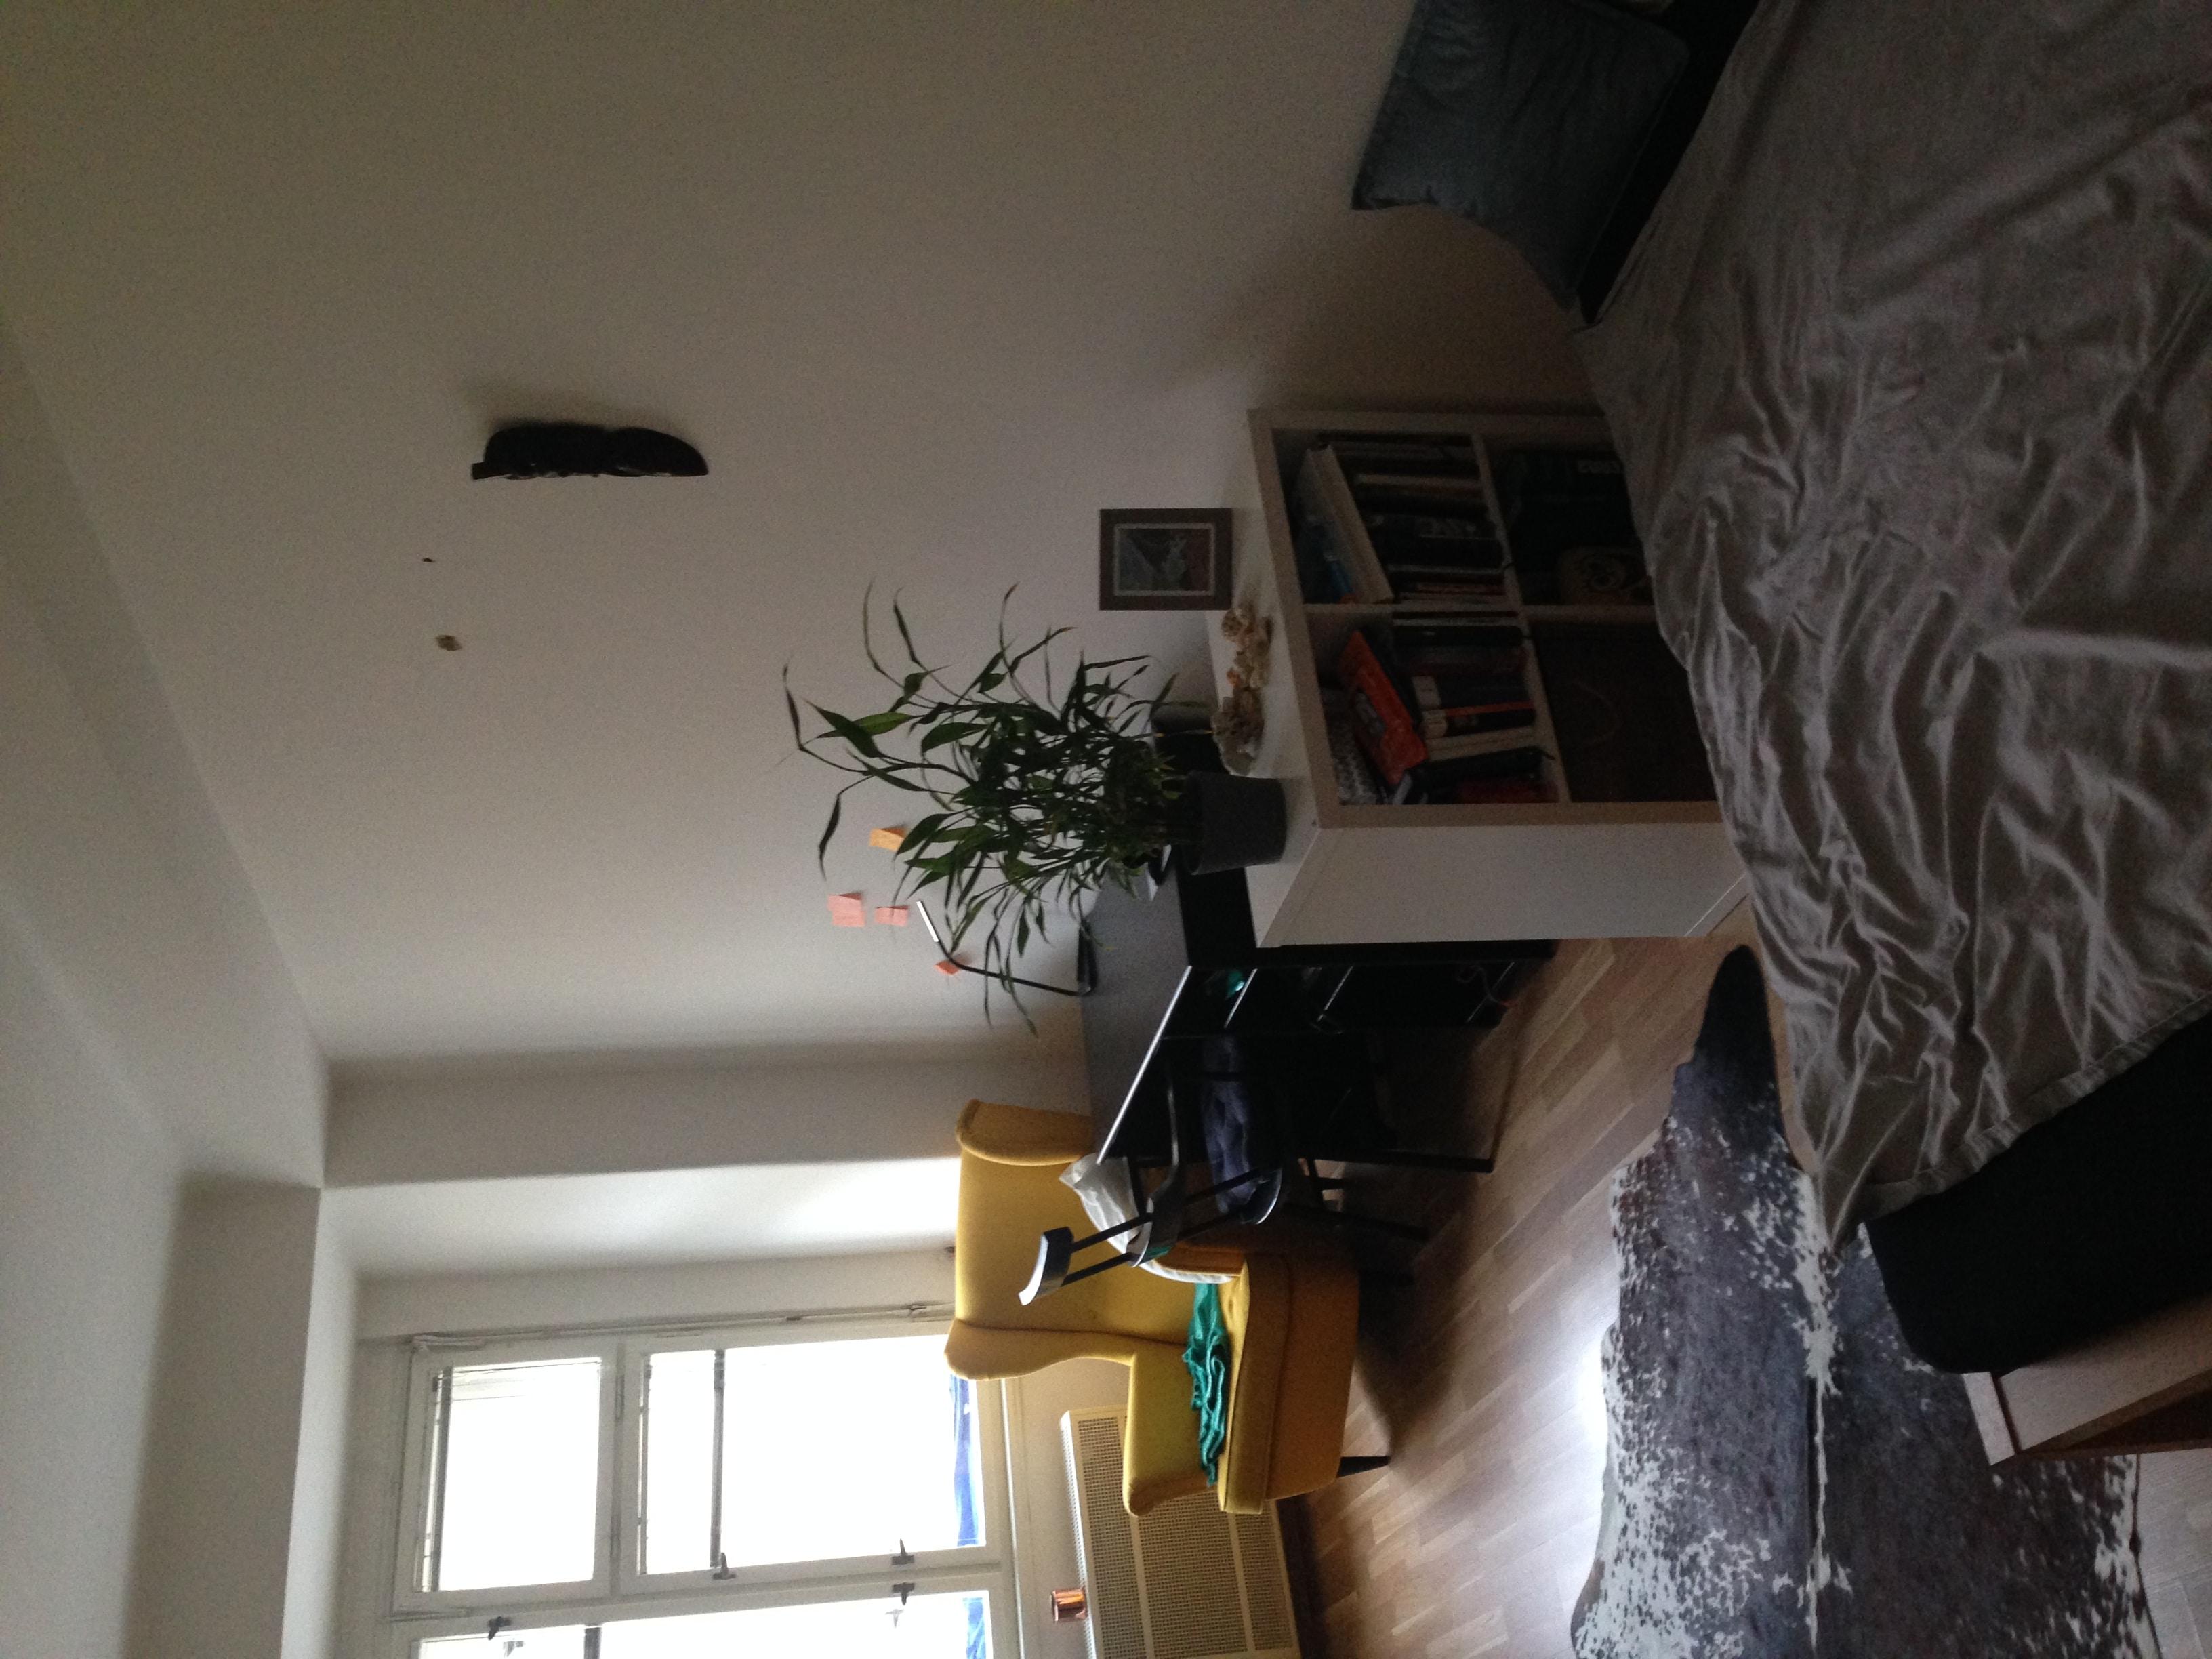 למכירה דירת 2 חדרים בגודל 52 מר בשכונת ז'יז'קוב א (6)